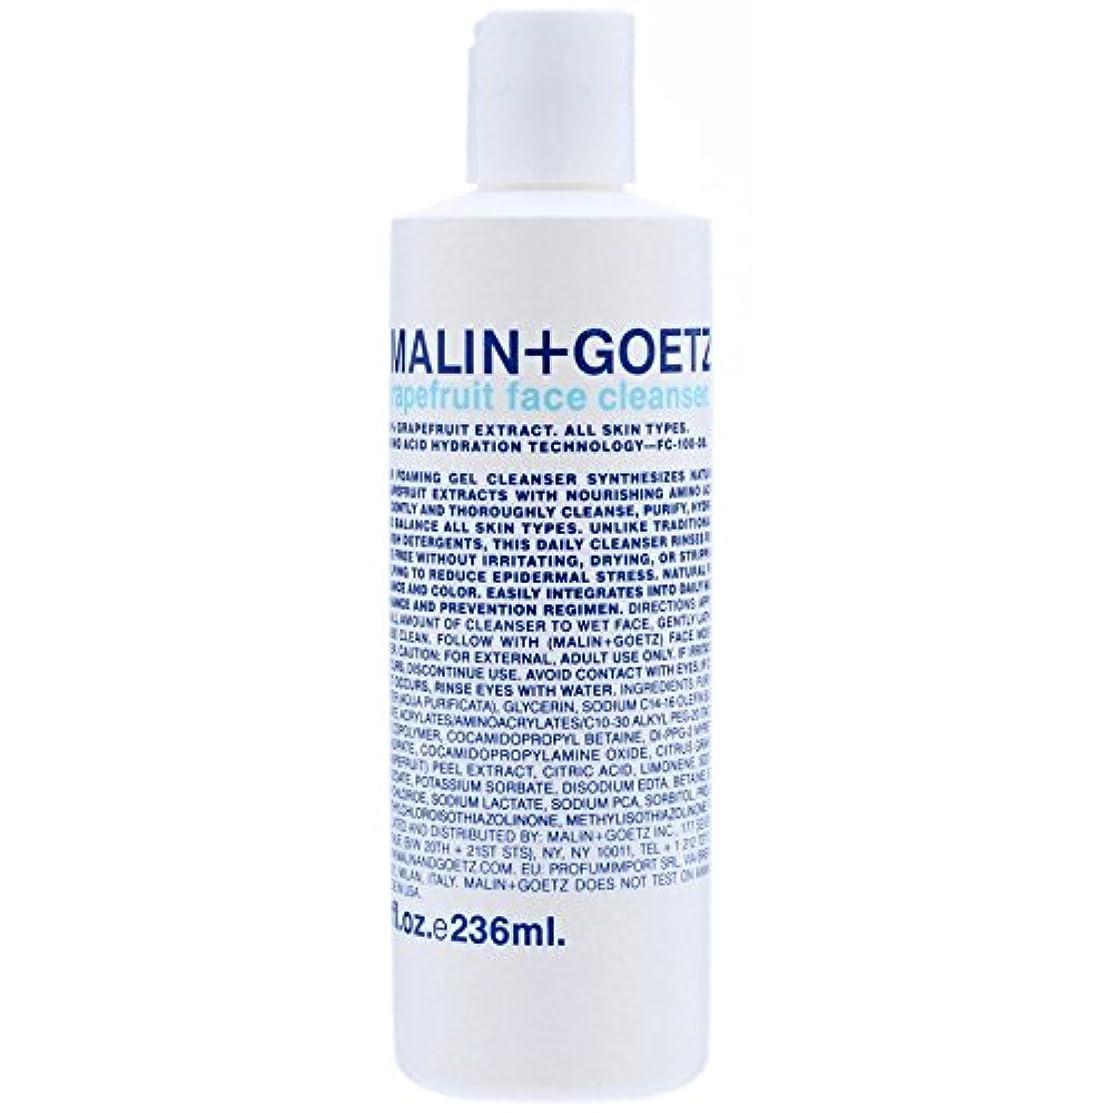 変形正午許すマリン+ゲッツグレープフルーツフェイスクレンザー x4 - MALIN+GOETZ Grapefruit Face Cleanser (Pack of 4) [並行輸入品]